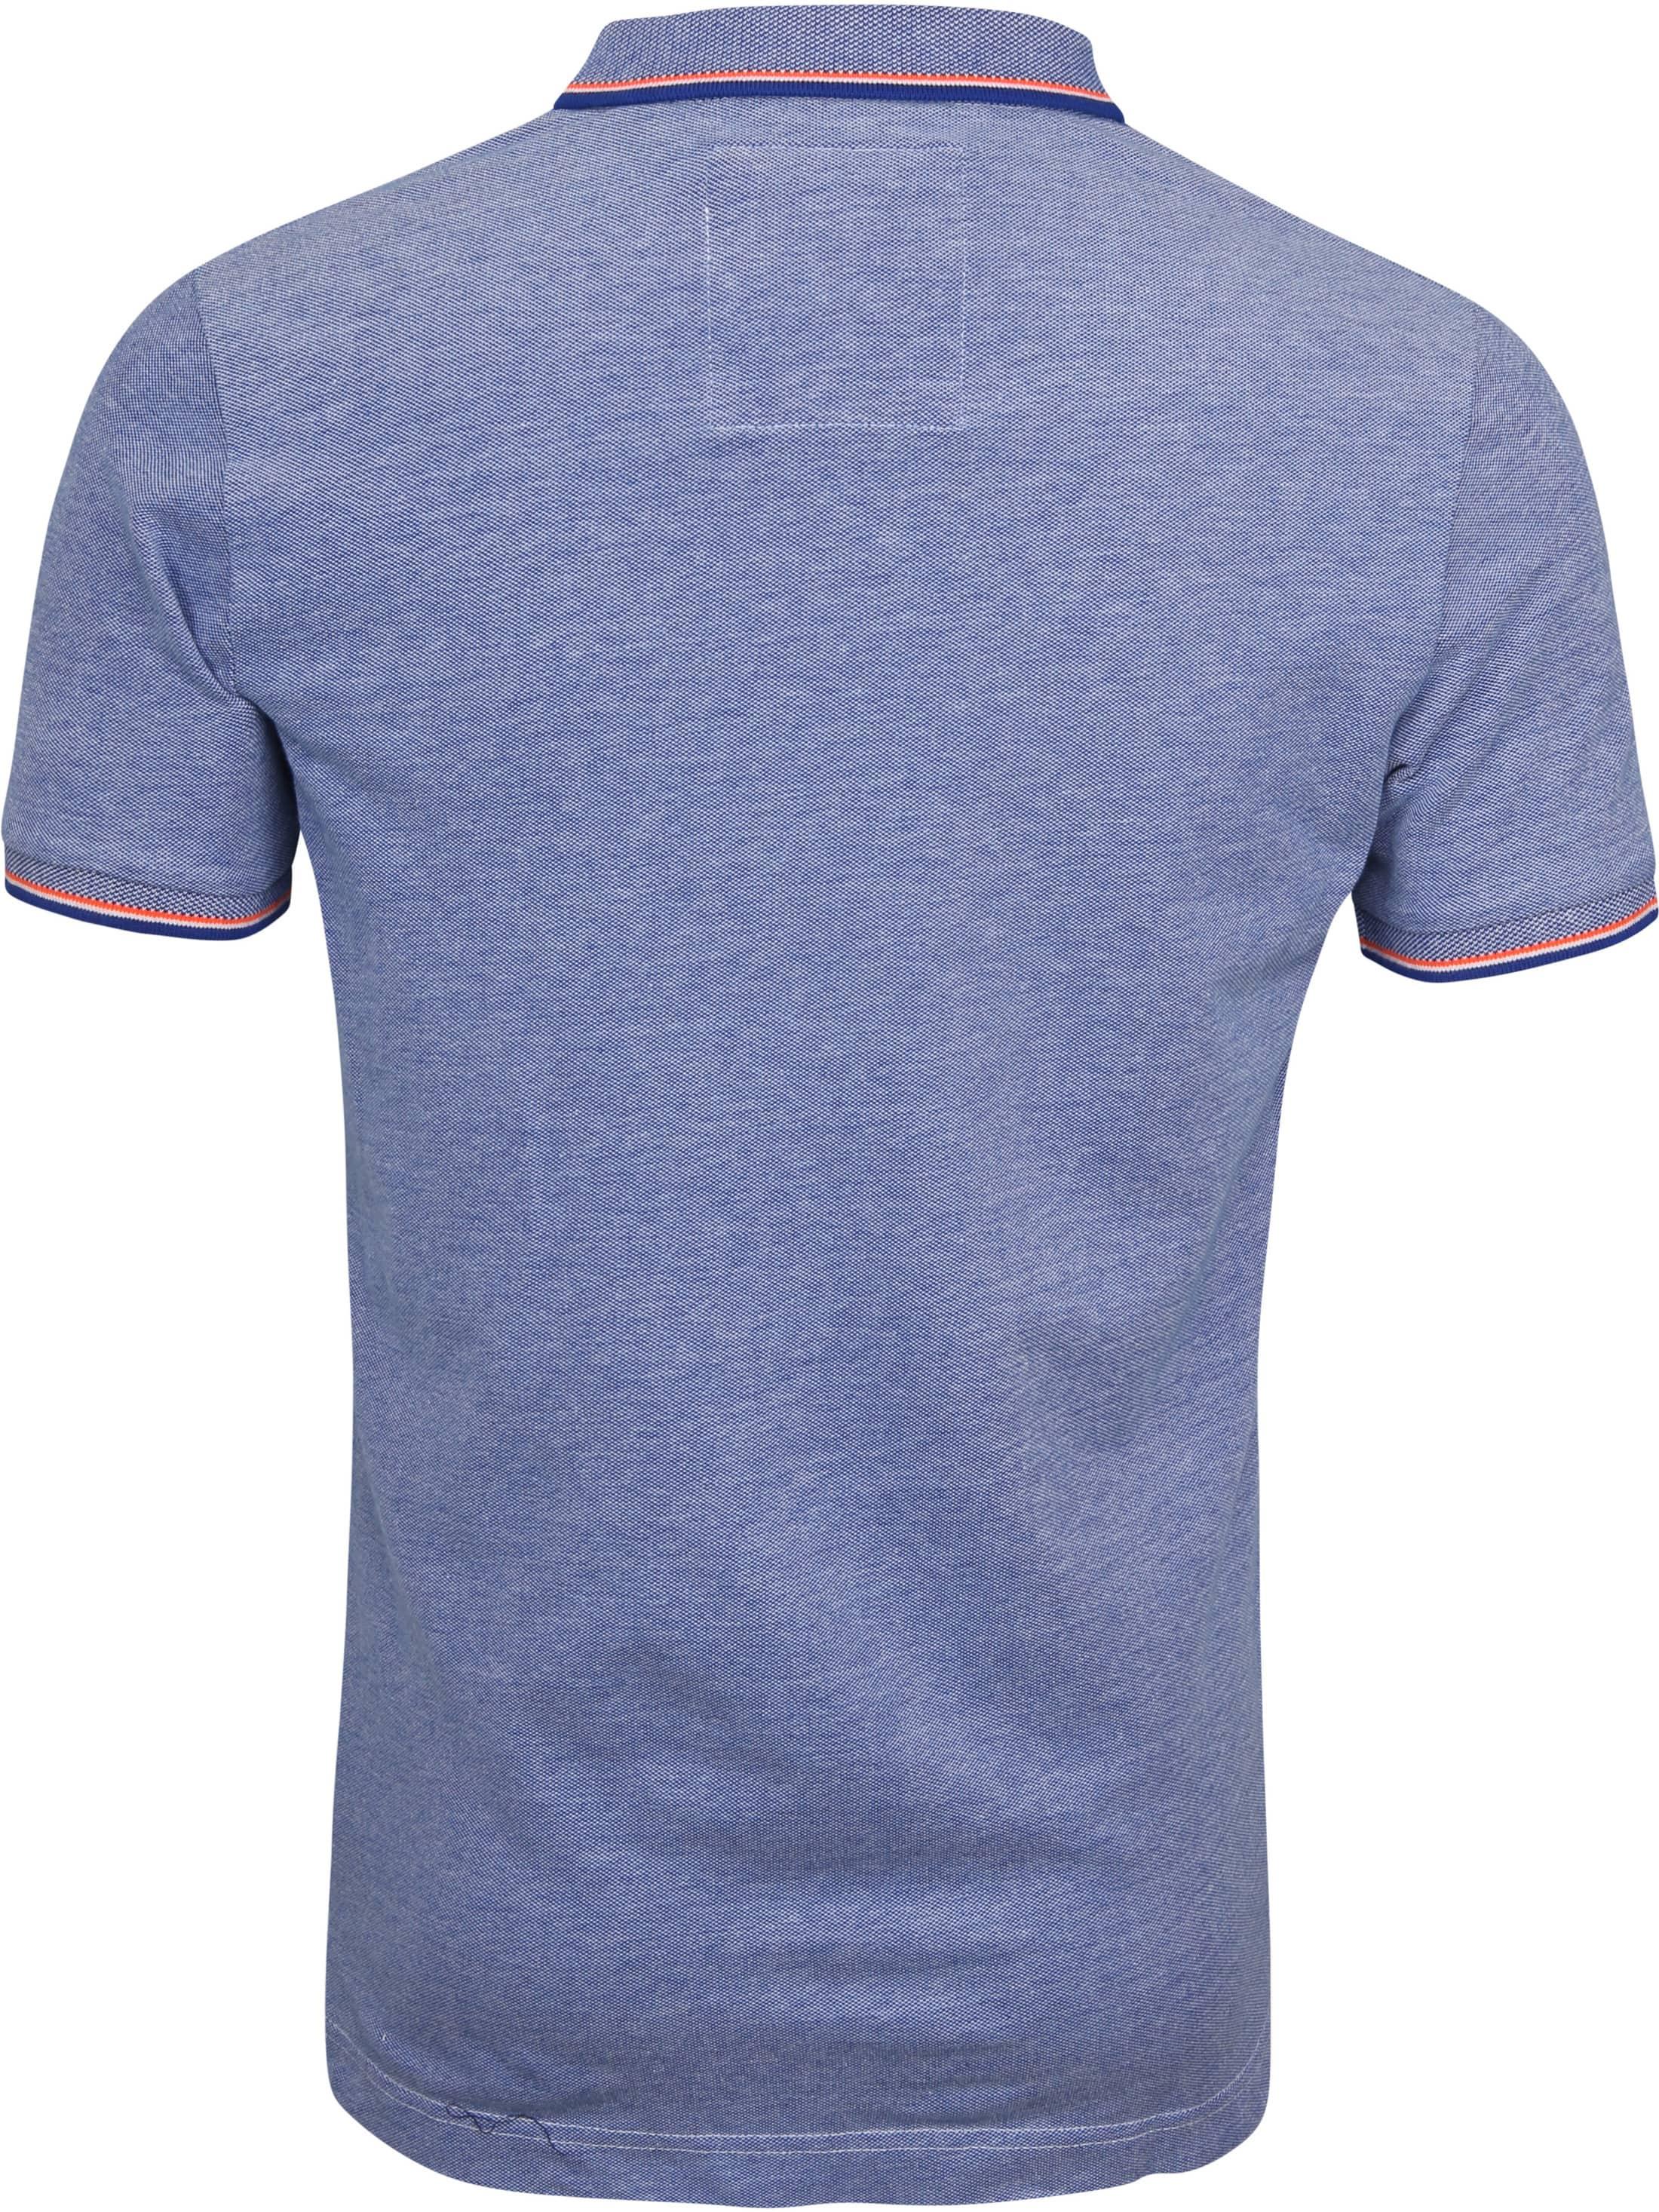 Superdry Premium Poloshirt Blau foto 4